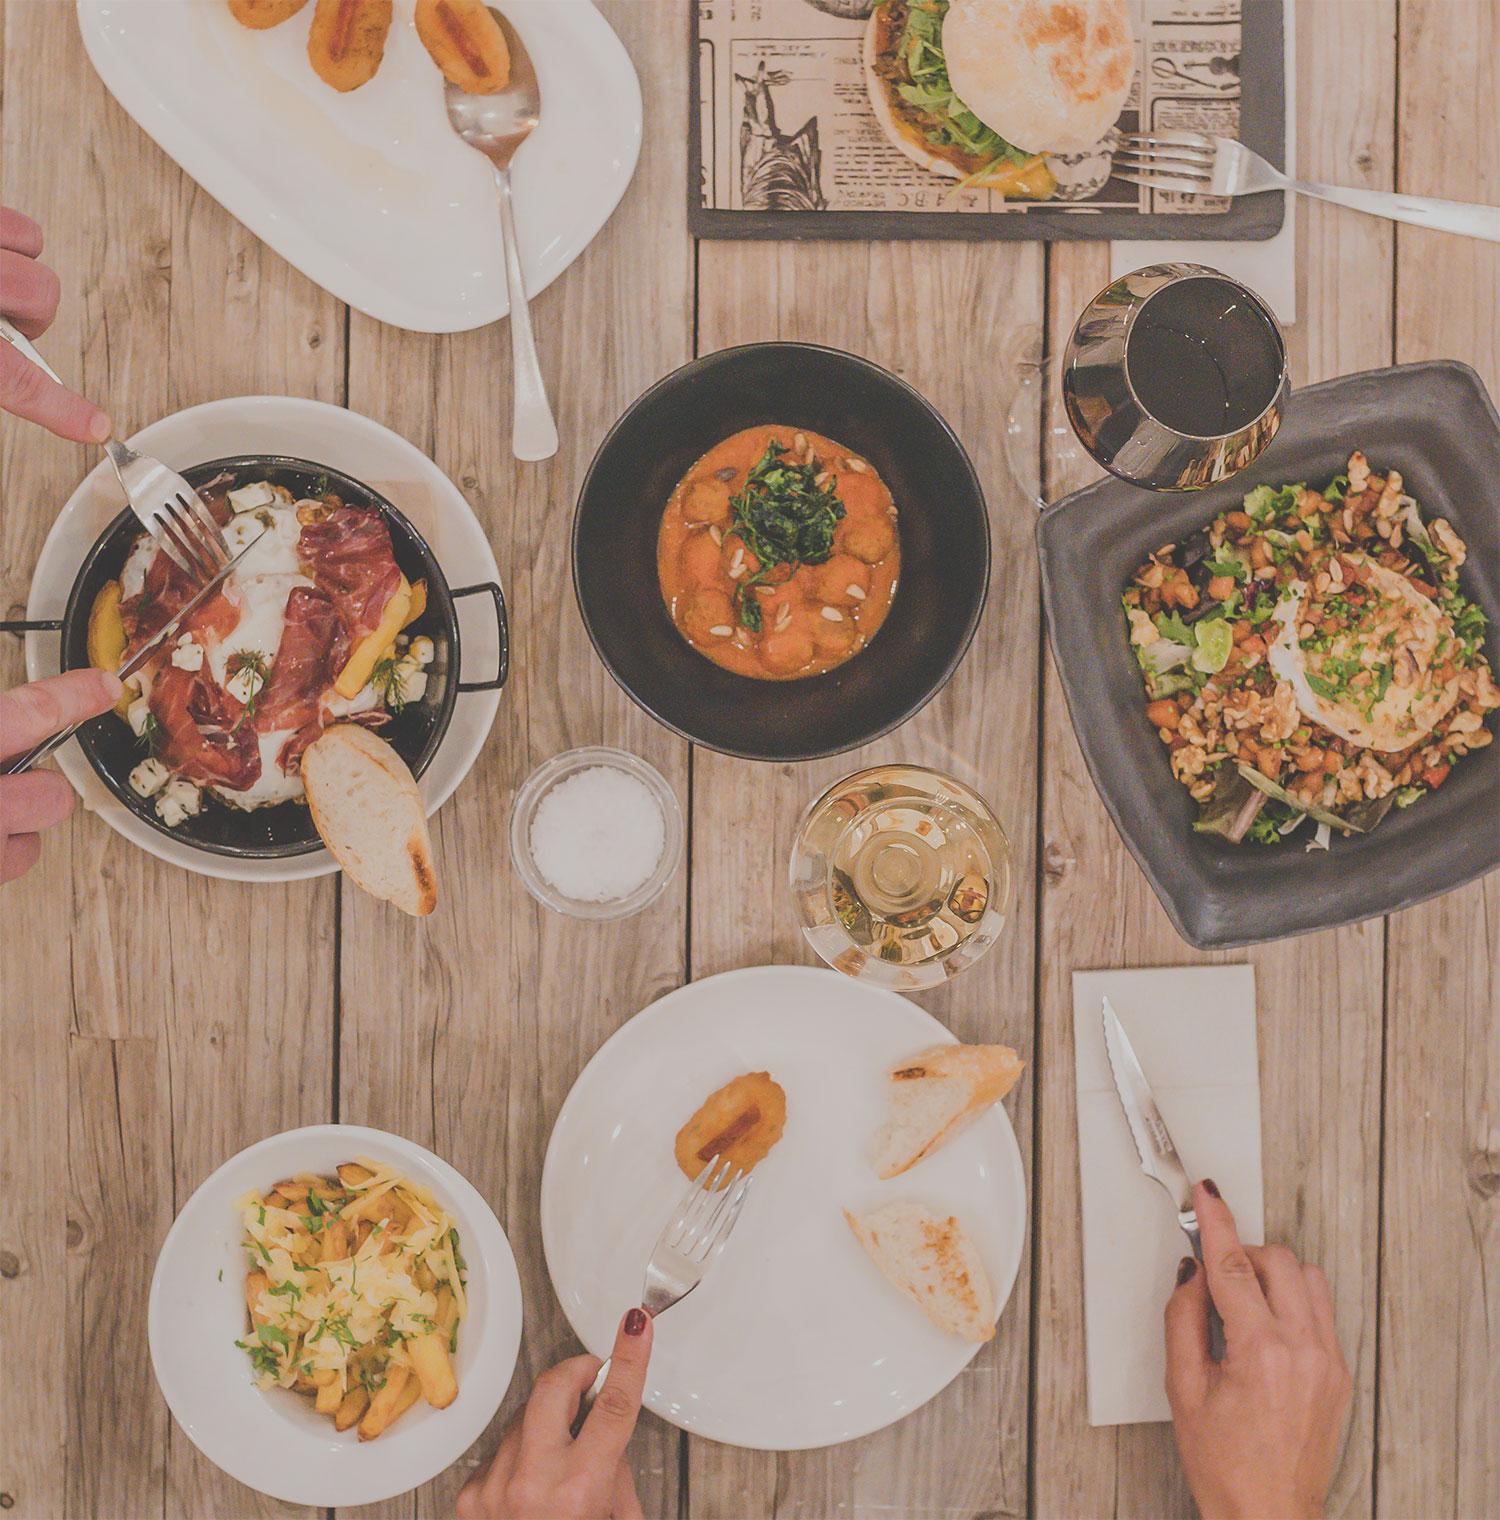 Fusión Born restaurante menorca